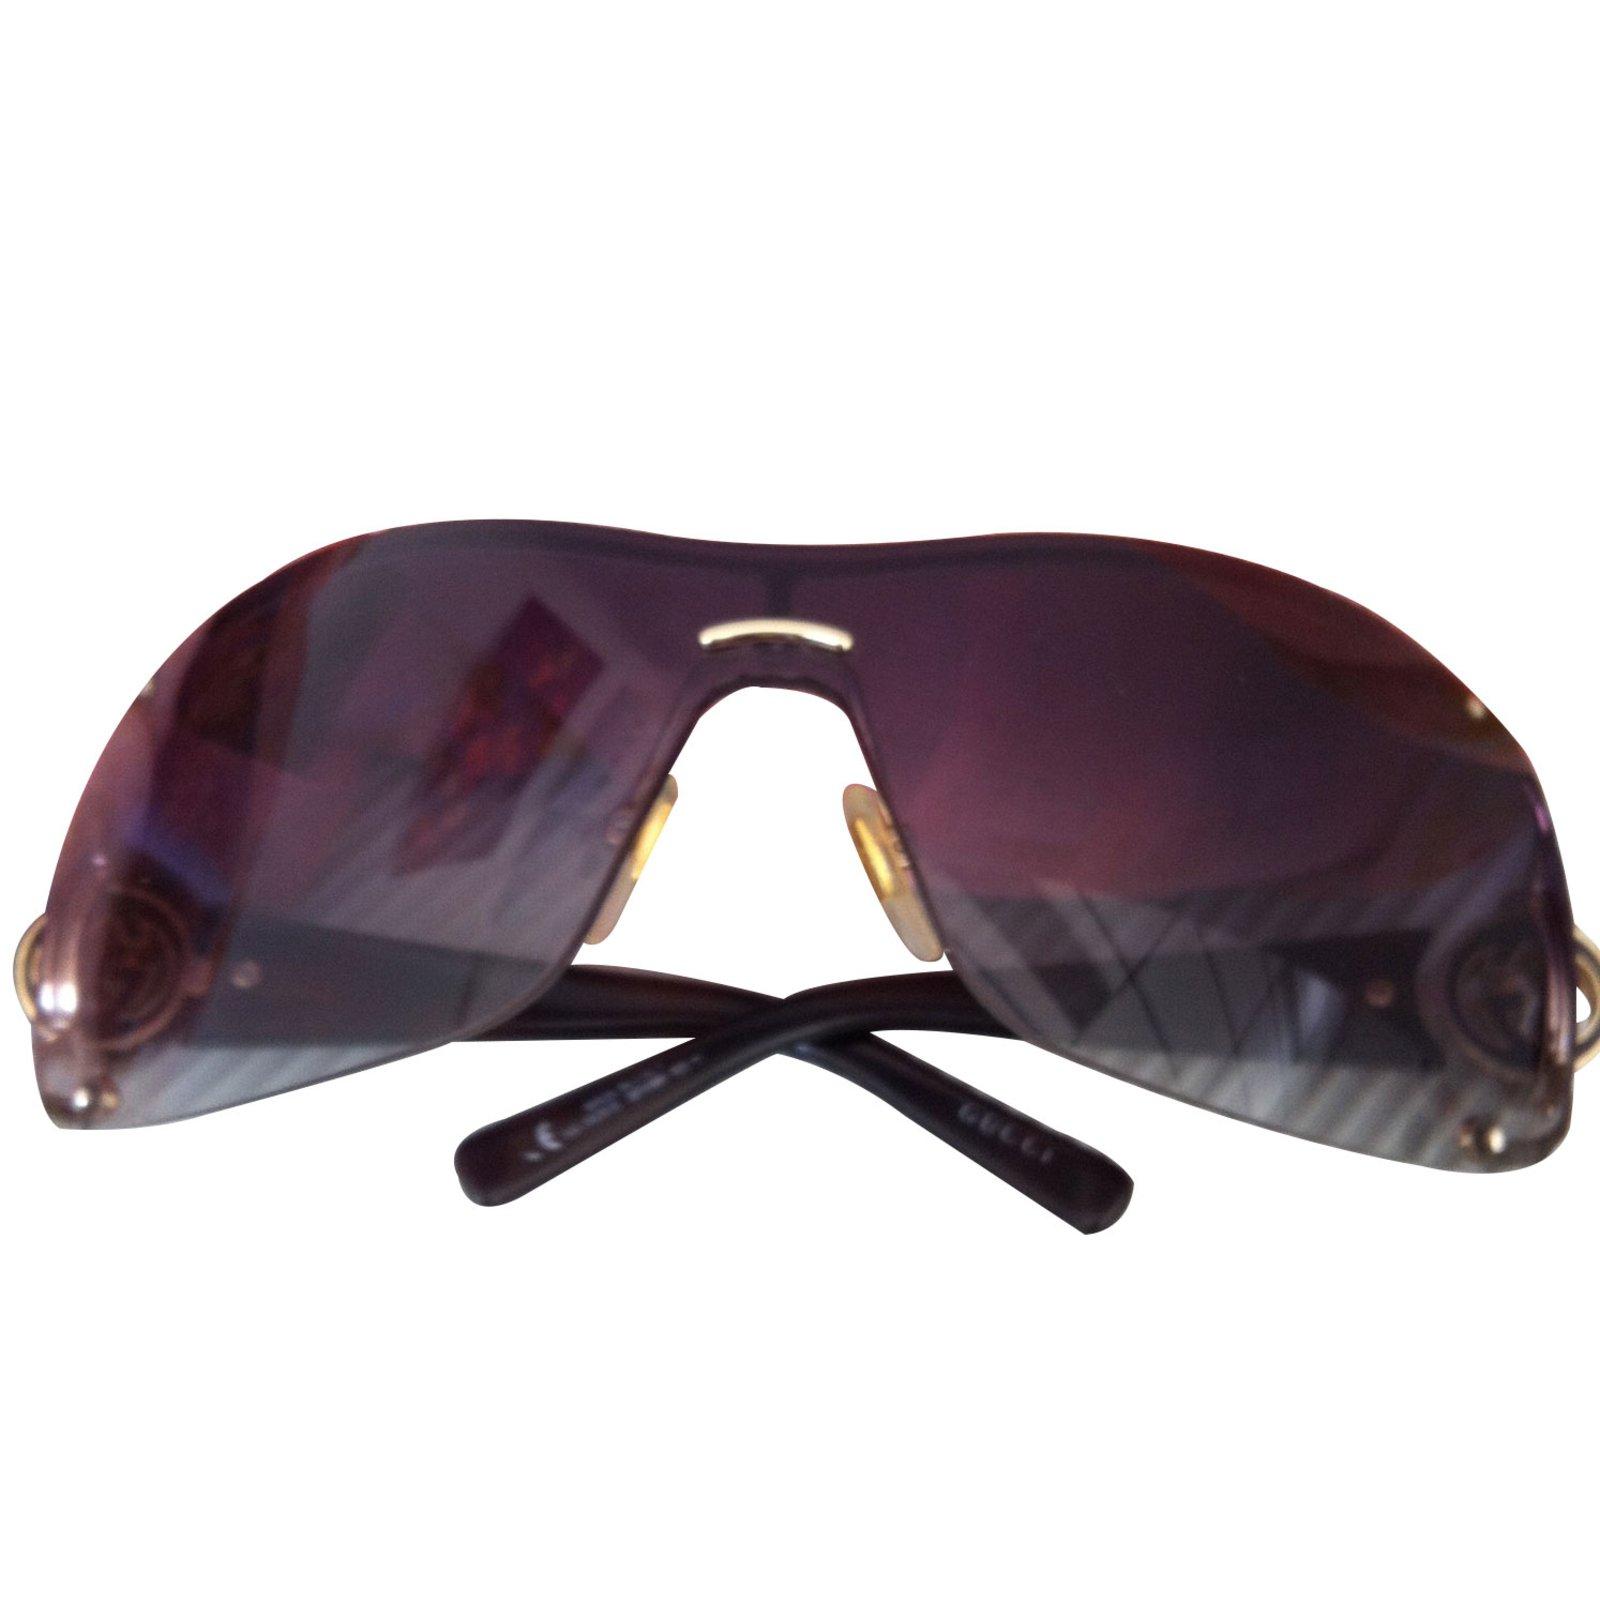 5a2c1ae1706 Gucci Sunglasses Sunglasses Plastic Brown ref.9154 - Joli Closet